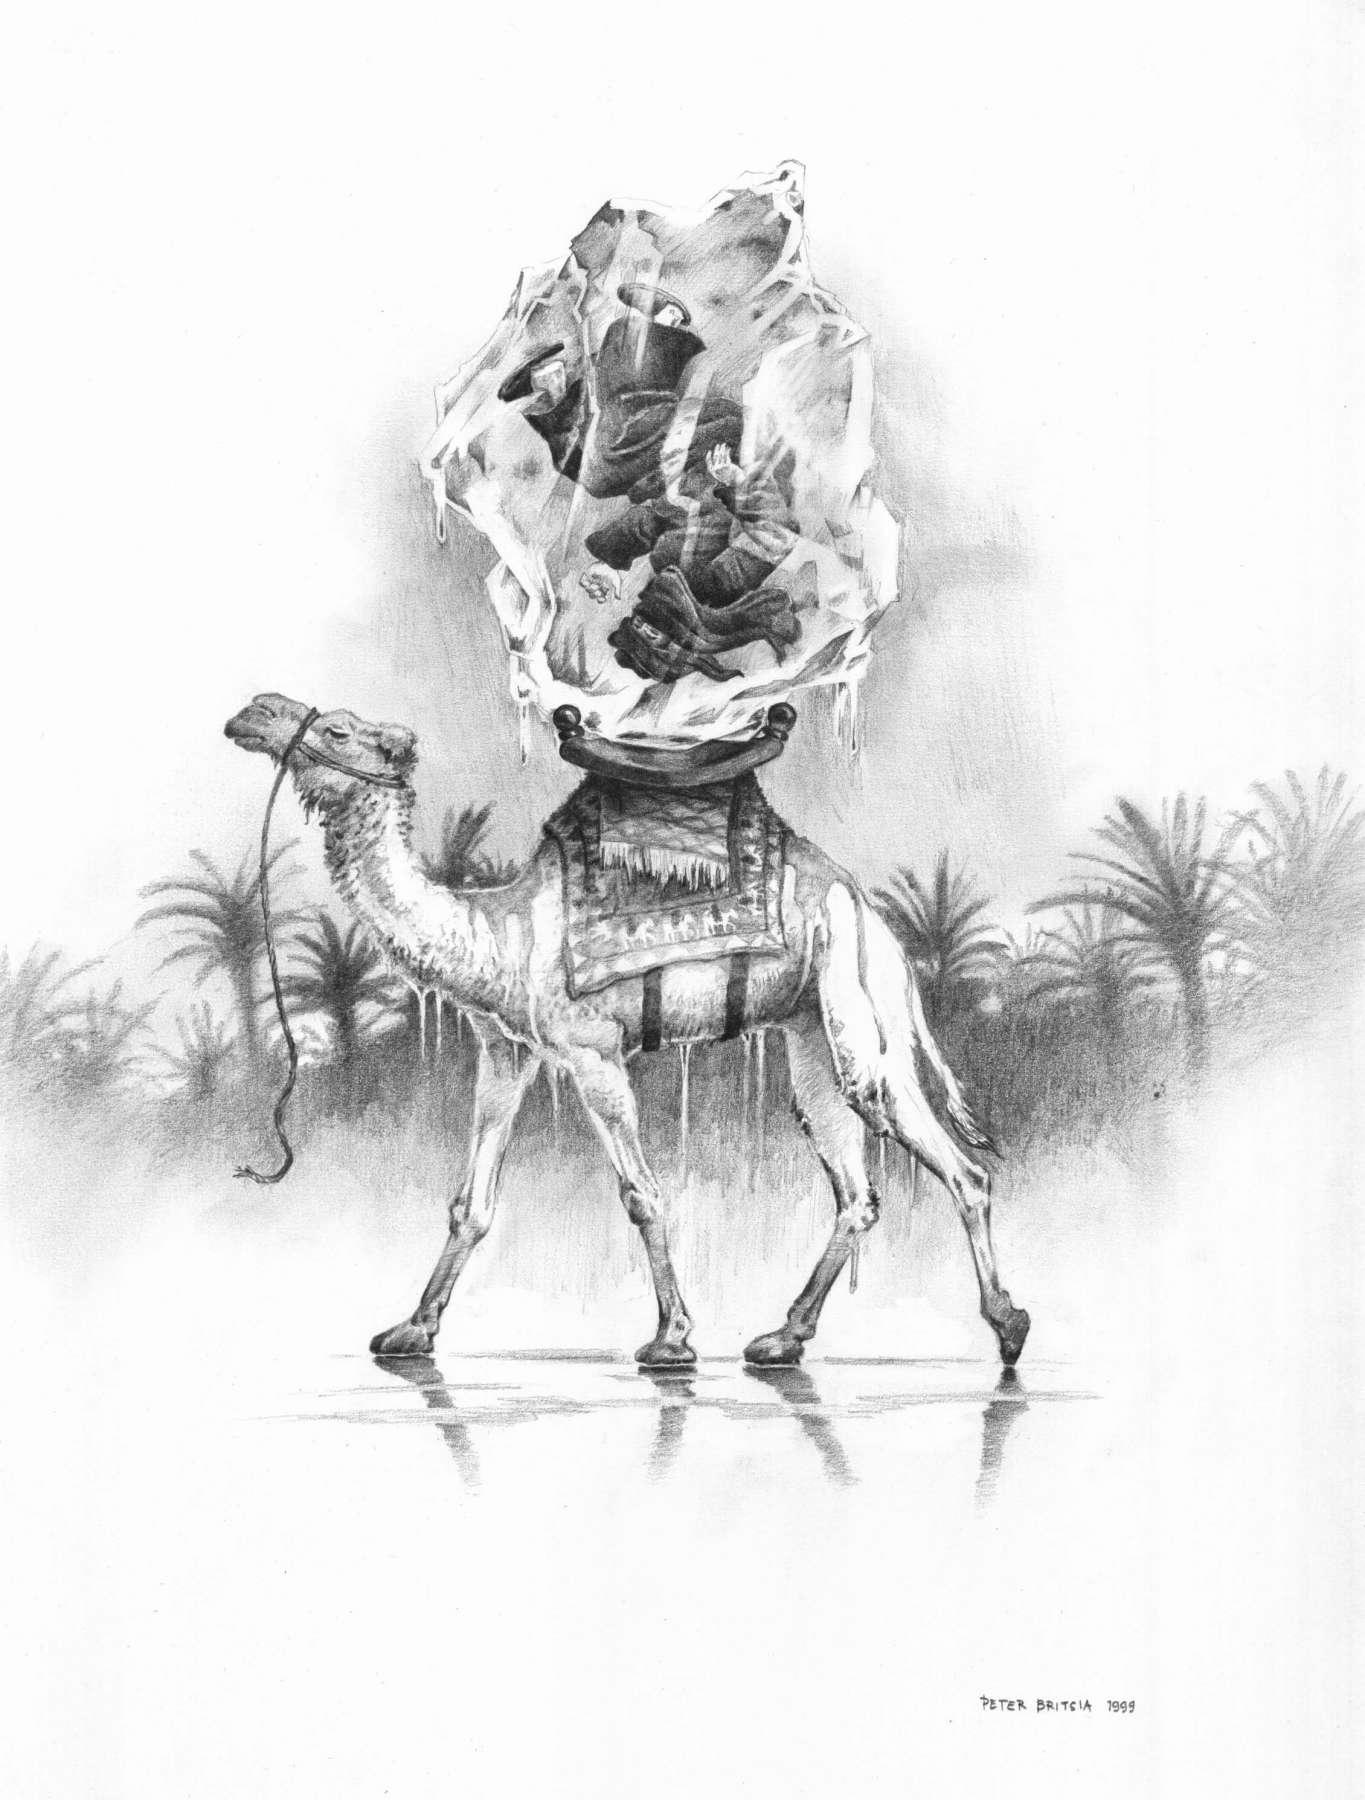 De zwarte ruiter - potloodtekening<br>Warm en koud als onmogelijke tegenstelling: De zwarte ruiter zit als een foetus gevangen in een enorm ijsblok. De kameel loopt zoals altijd zijn dagelijkse route door de zinderende woestijn.